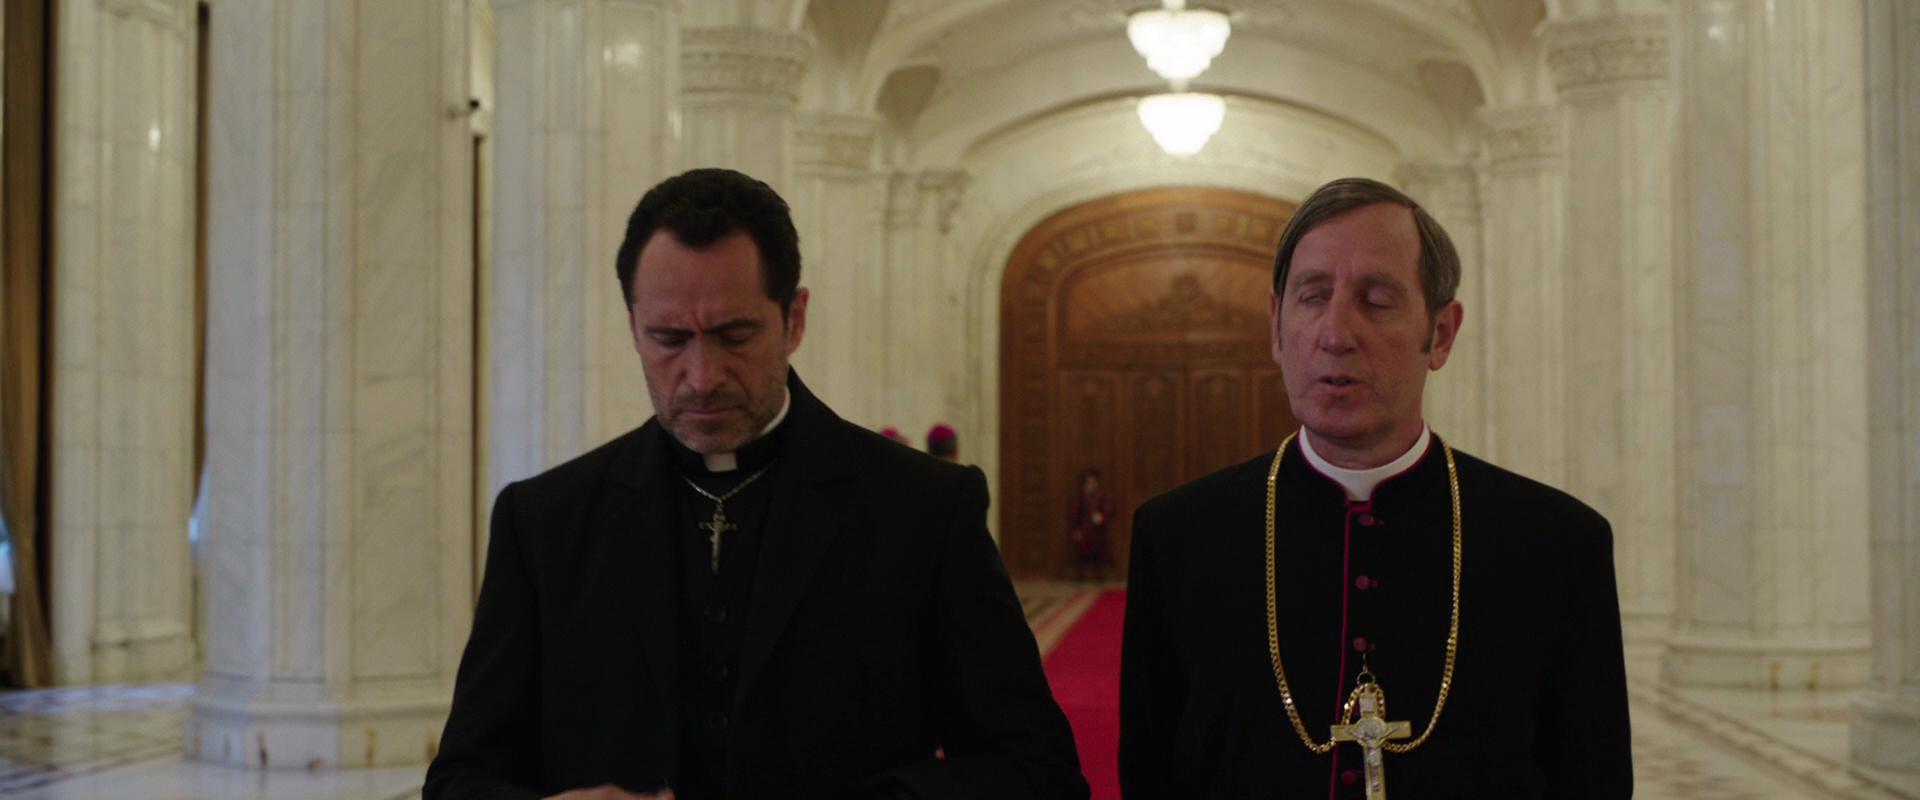 The Nun (2018) 1080p BluRay DTS x264-GECKOS